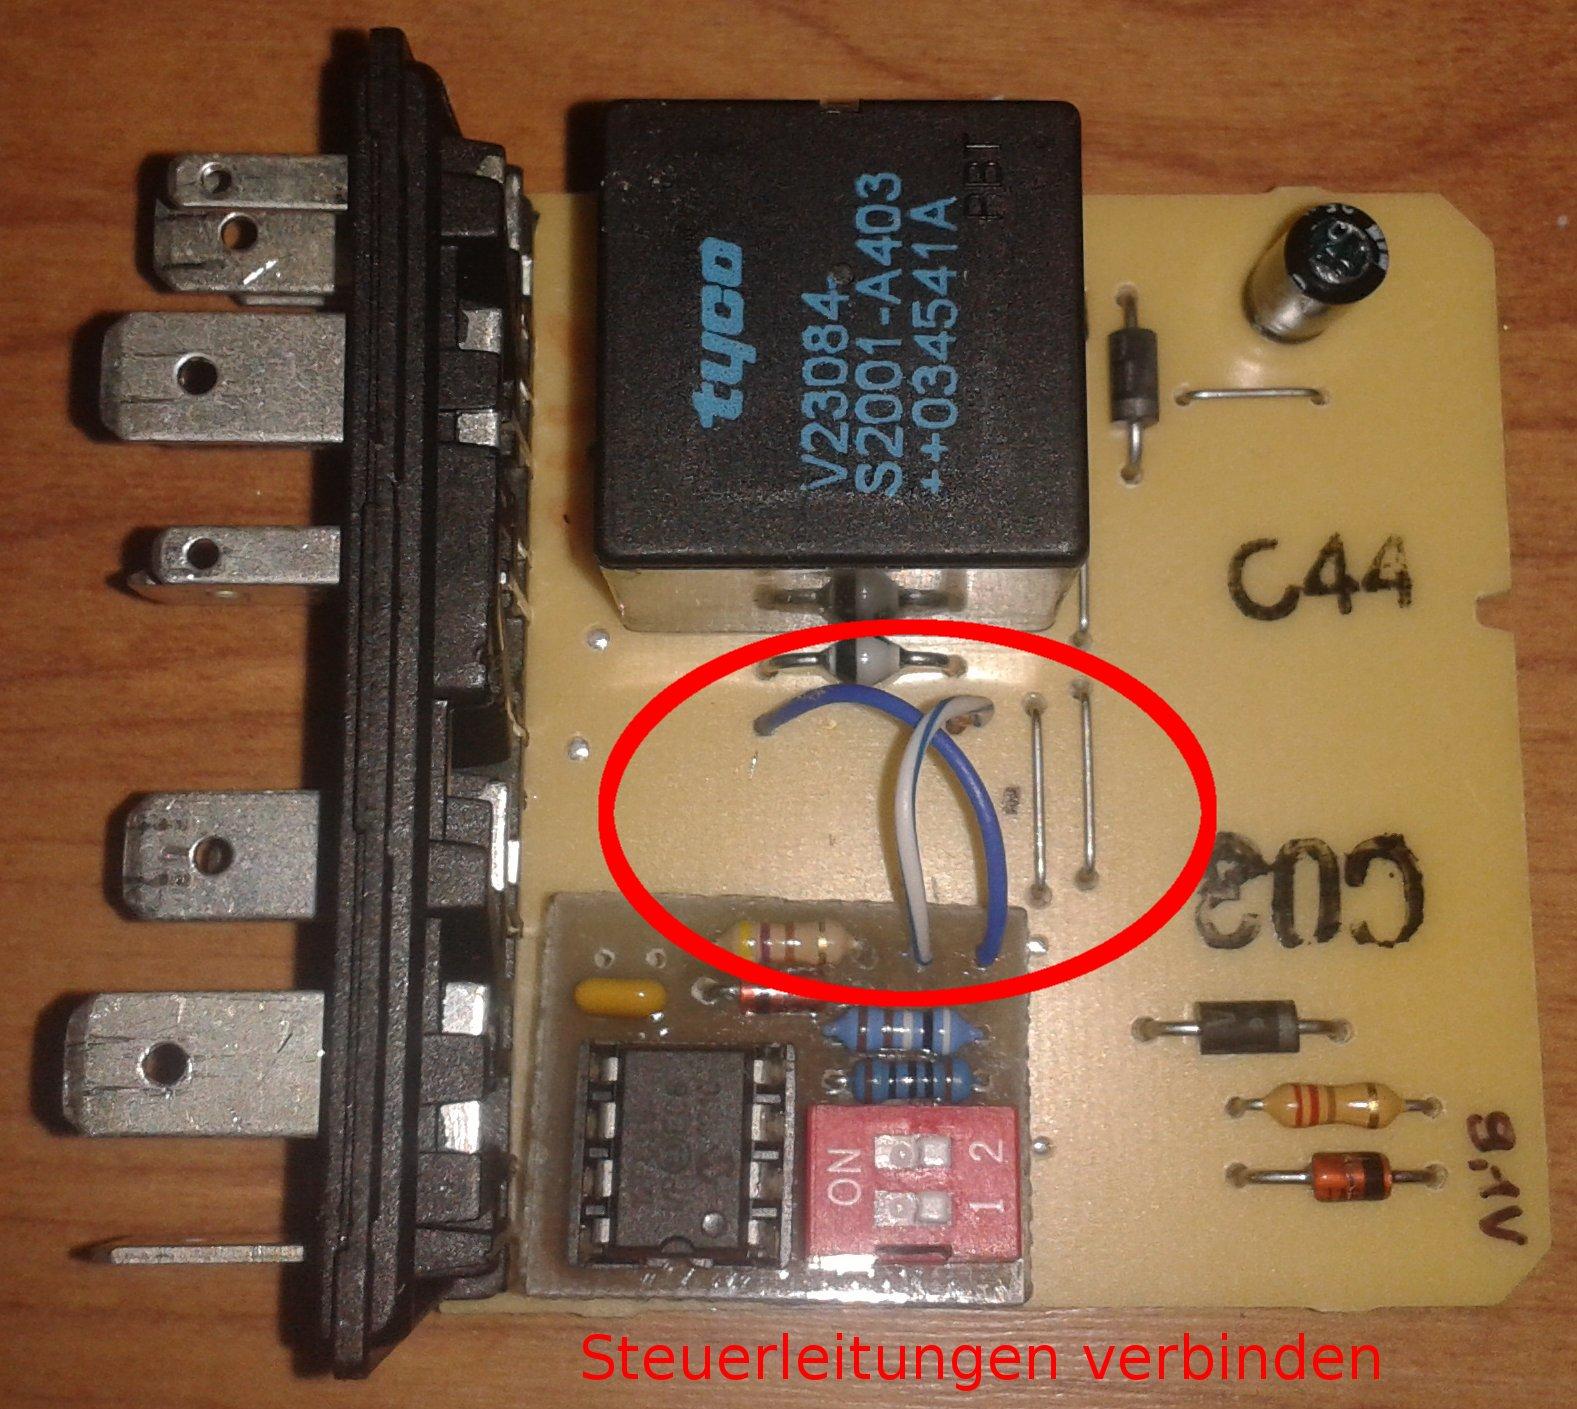 Schritt2_Steuerleitungen_verbinden.jpg.d54f832e6db42ca2147a06eca2cdebd8.jpg